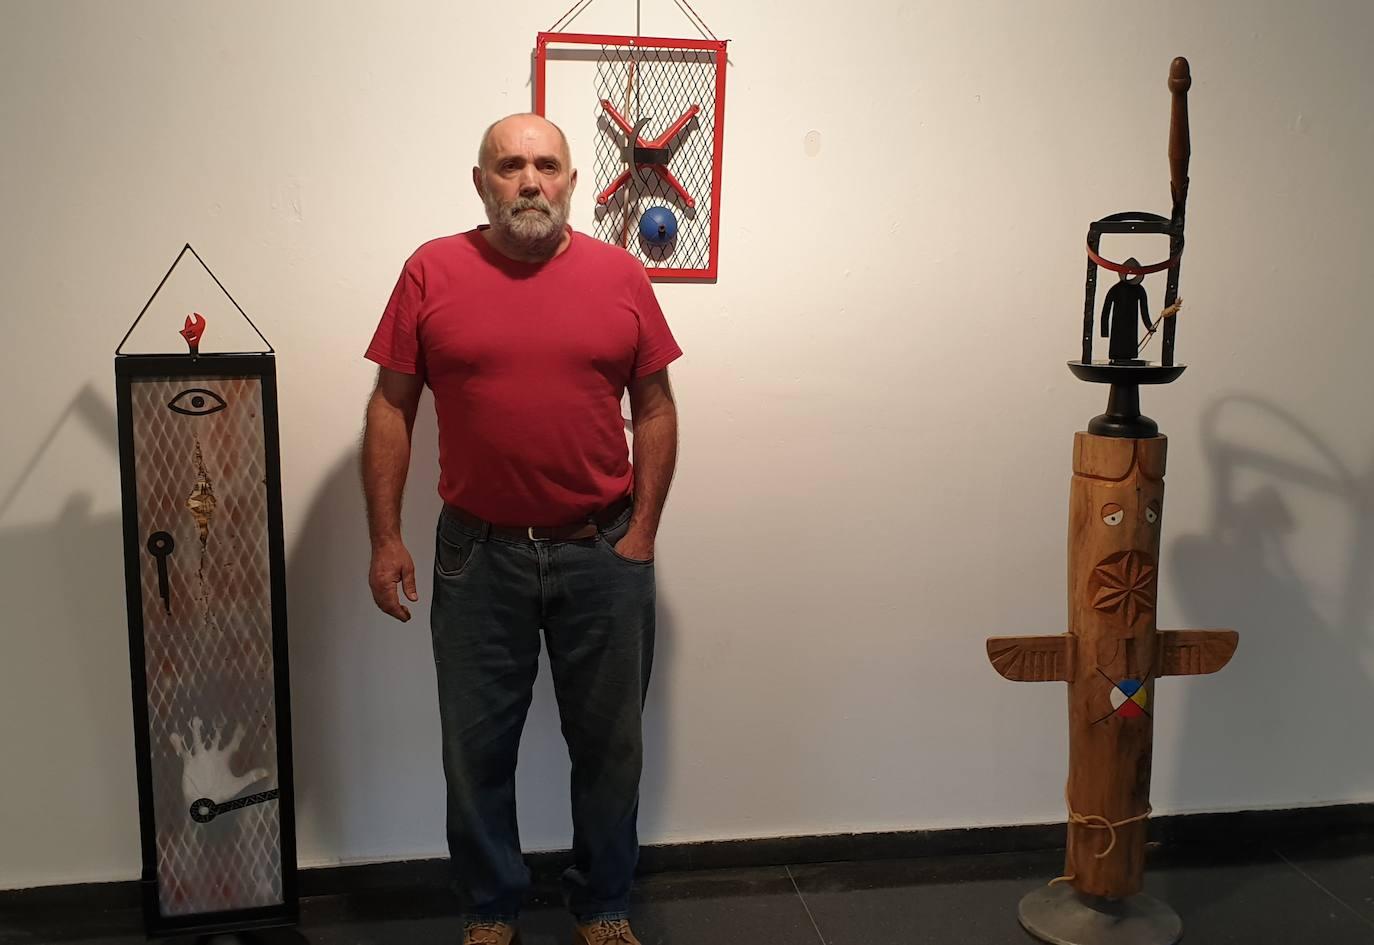 Alberdi recurre a las herramientas del campo para esculpir sus obras